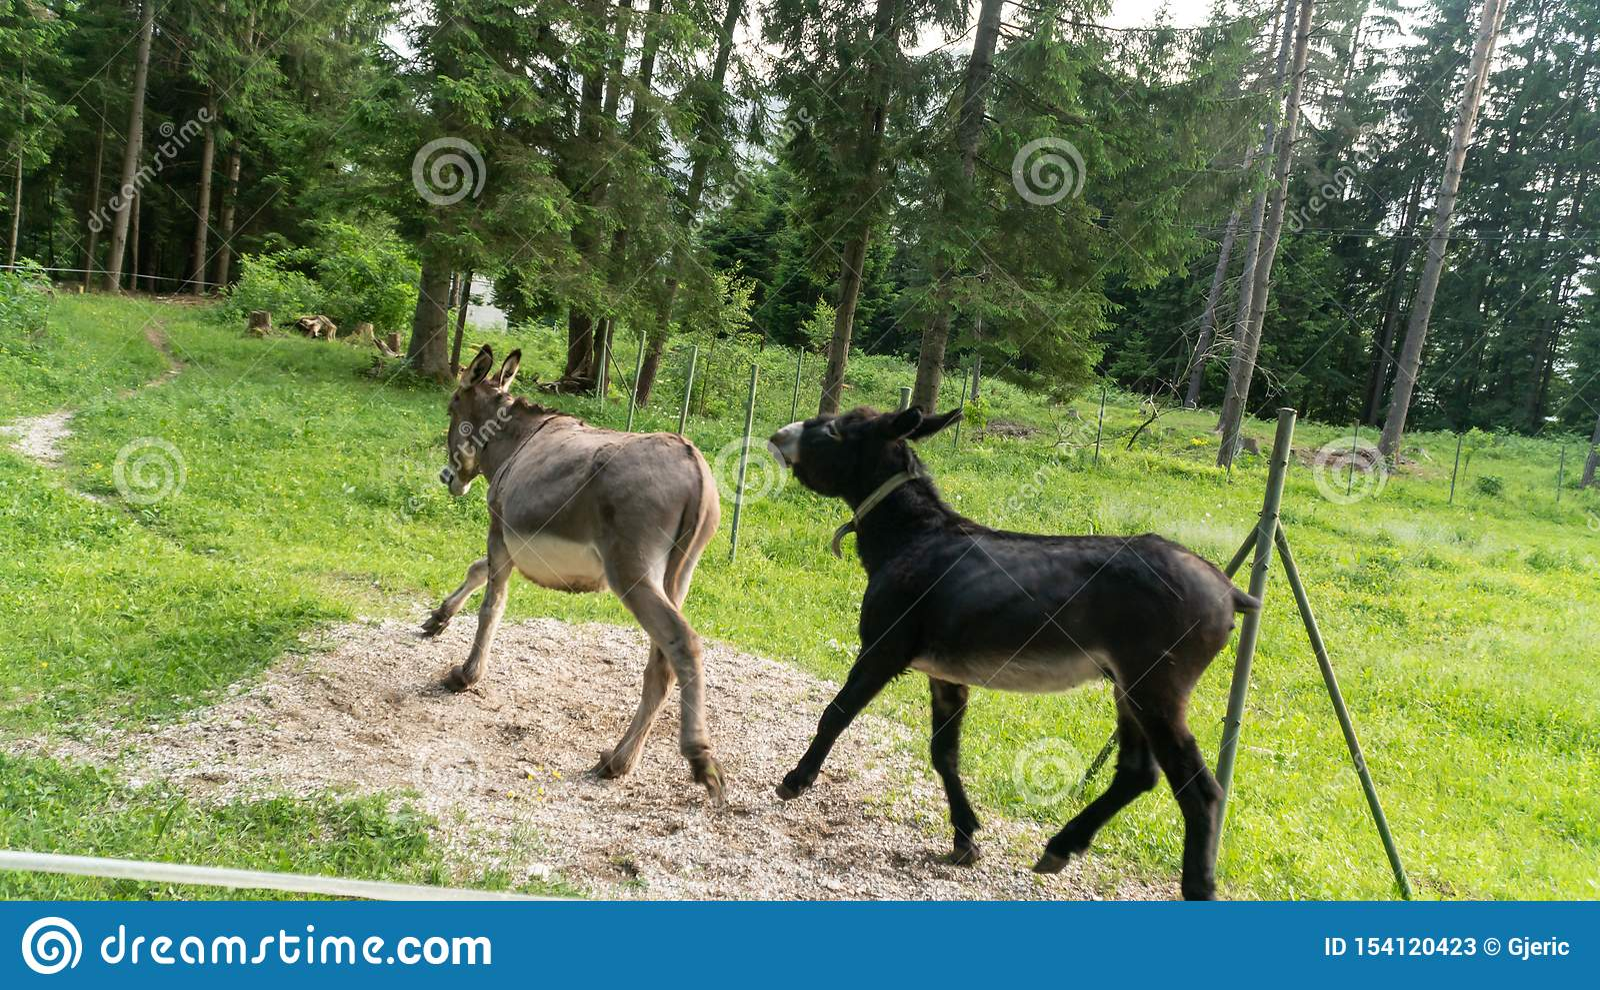 Фото 2 ослов играя друг с другом на ферме